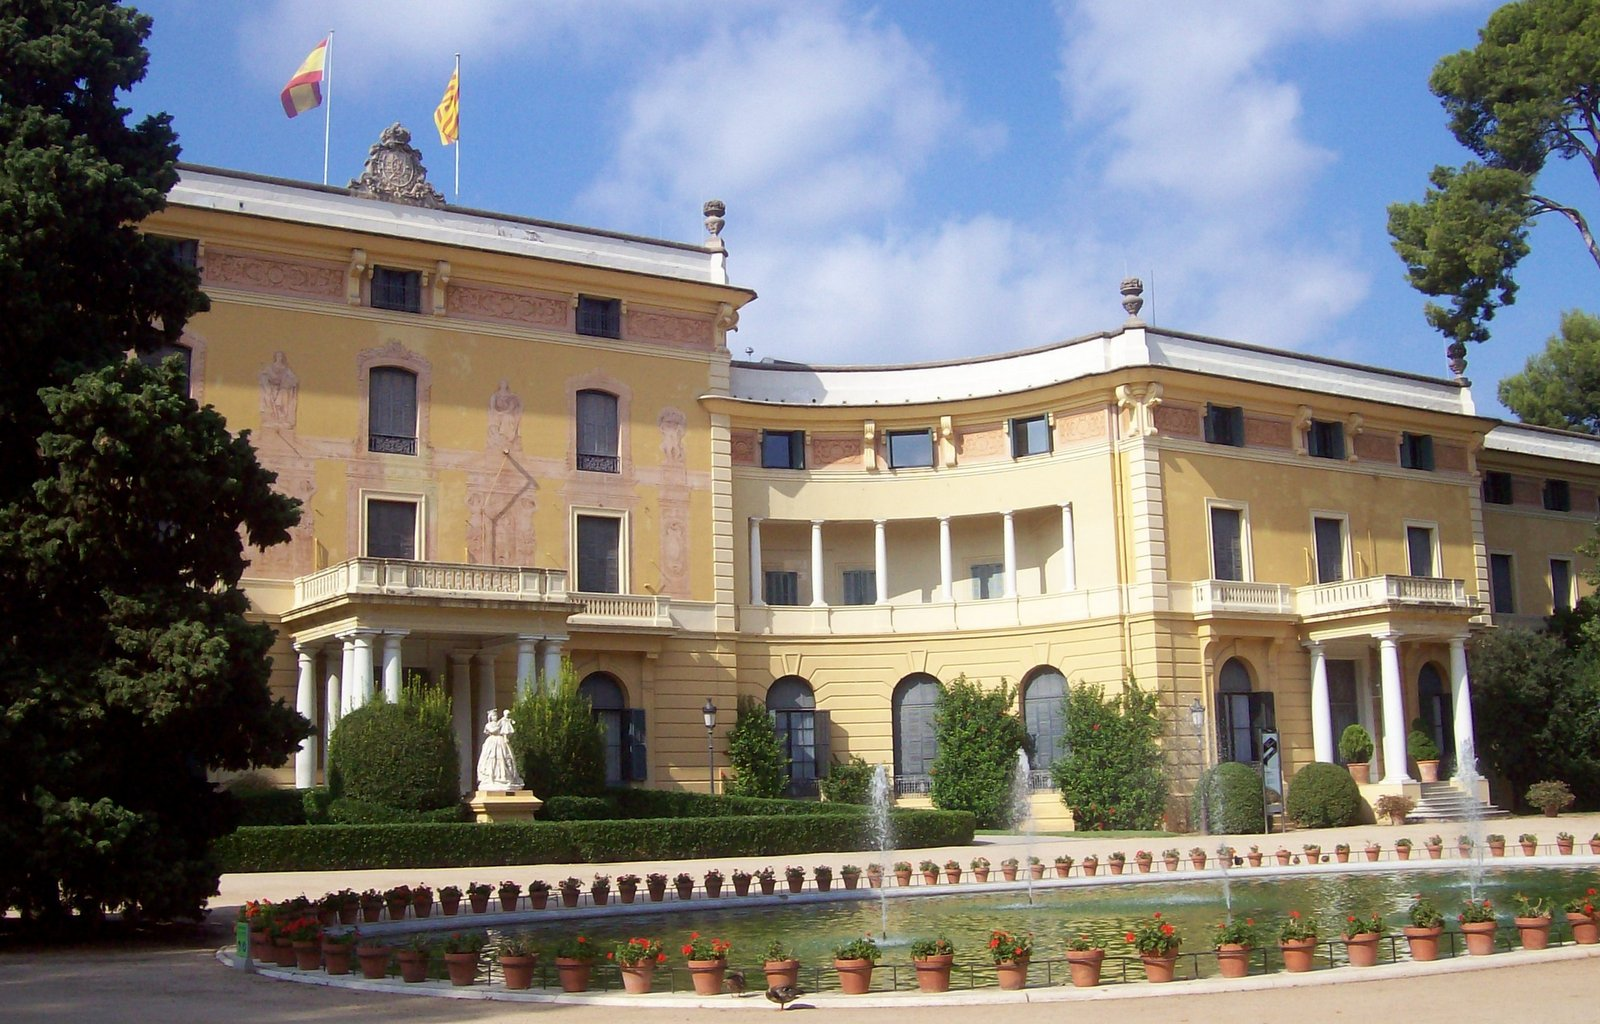 Königlicher Palast in Barcelona